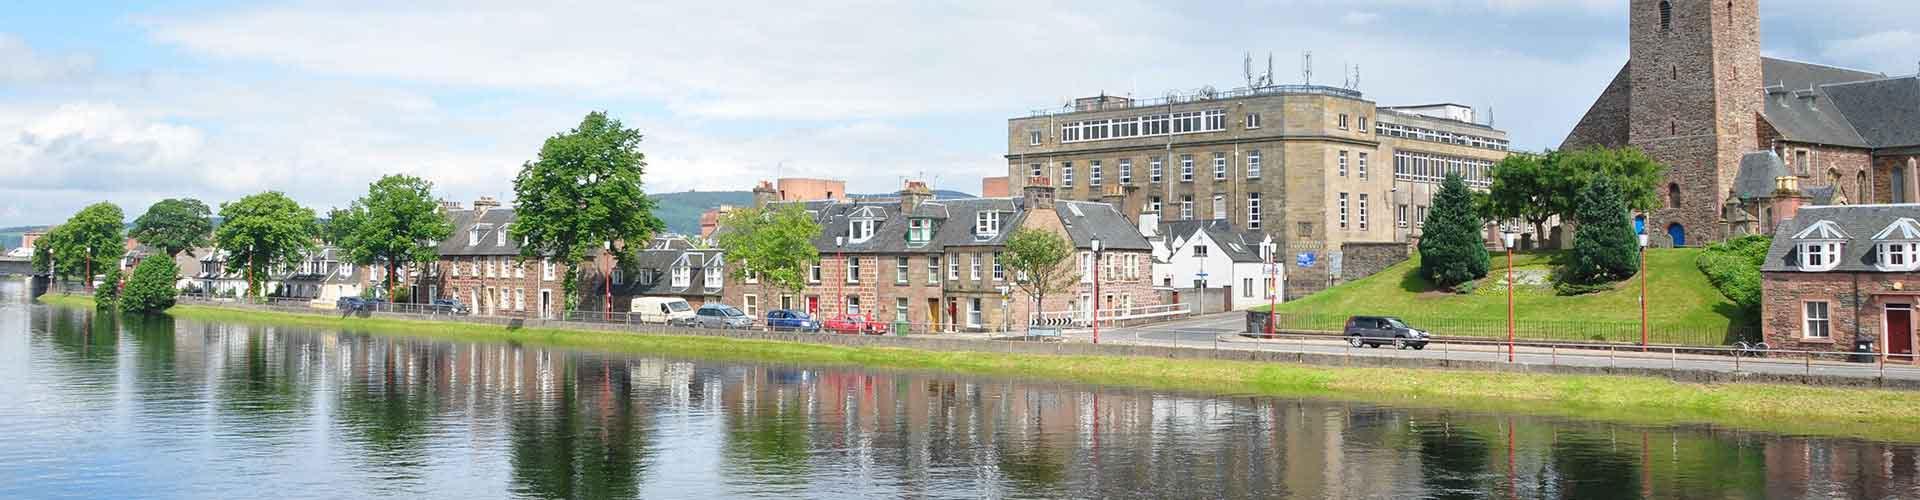 Inverness – Hostellit kohteessa Inverness. Inverness -karttoja, valokuvia ja arvosteluja kaikista Inverness -hostelleista.